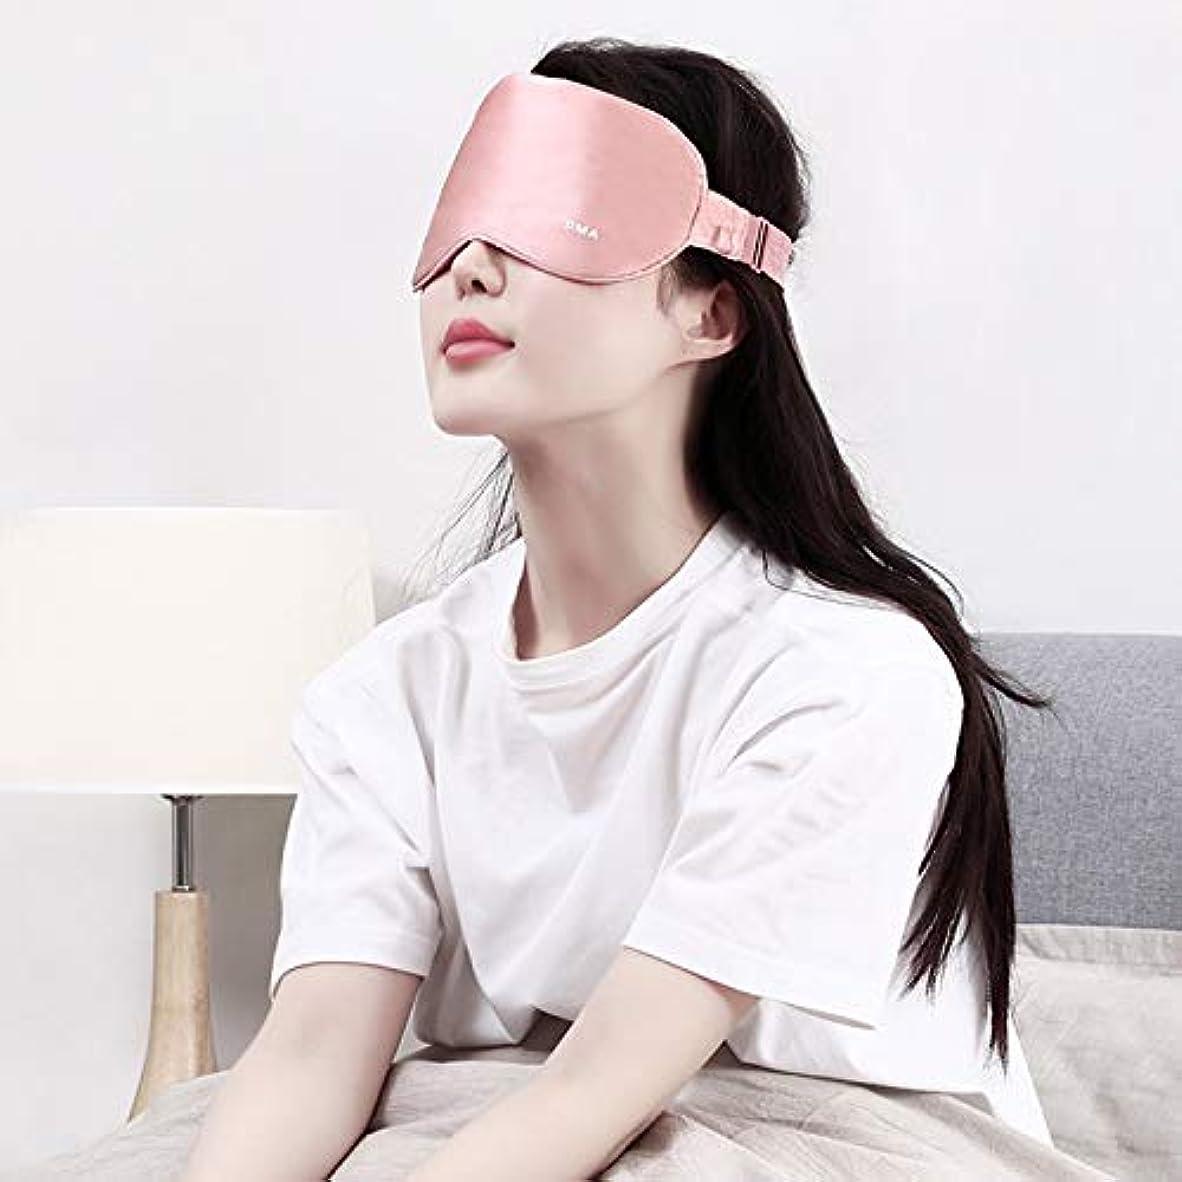 のヒープラビリンス最高NOTE 睡眠マスク睡眠アイマスクアイシェードカバーシェードアイパッチ女性男性ソフトポータブル目隠し旅行アイパッチアイケアツール